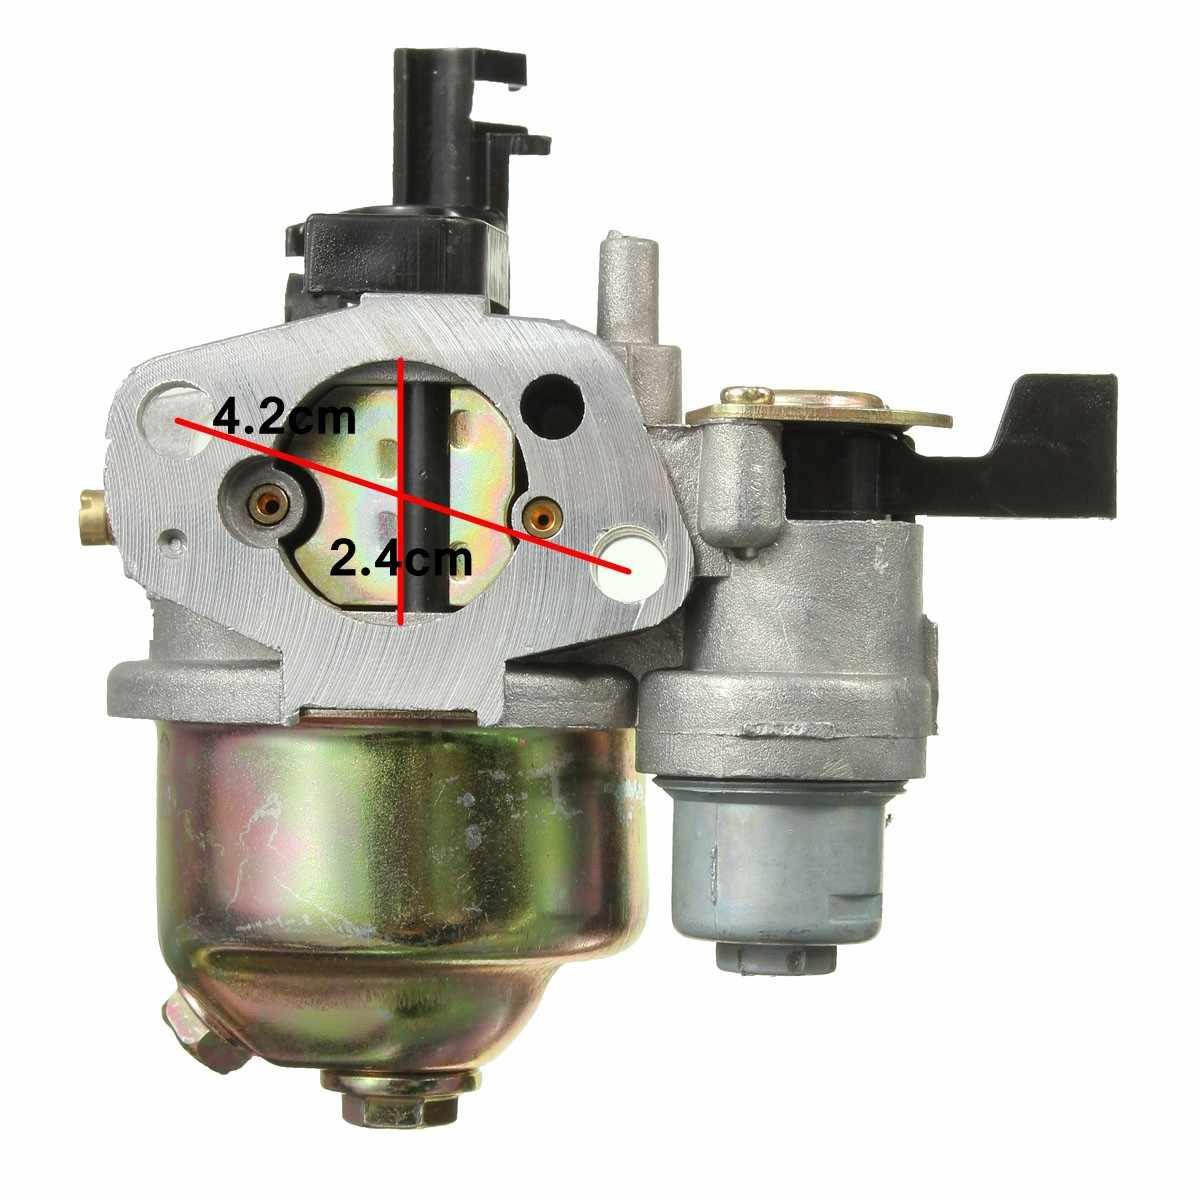 Carburateur Terugloopstarter Bobine Voor Bougie Filter Carburateur Carb Voor Honda GX160 5.5HP Motor Kit